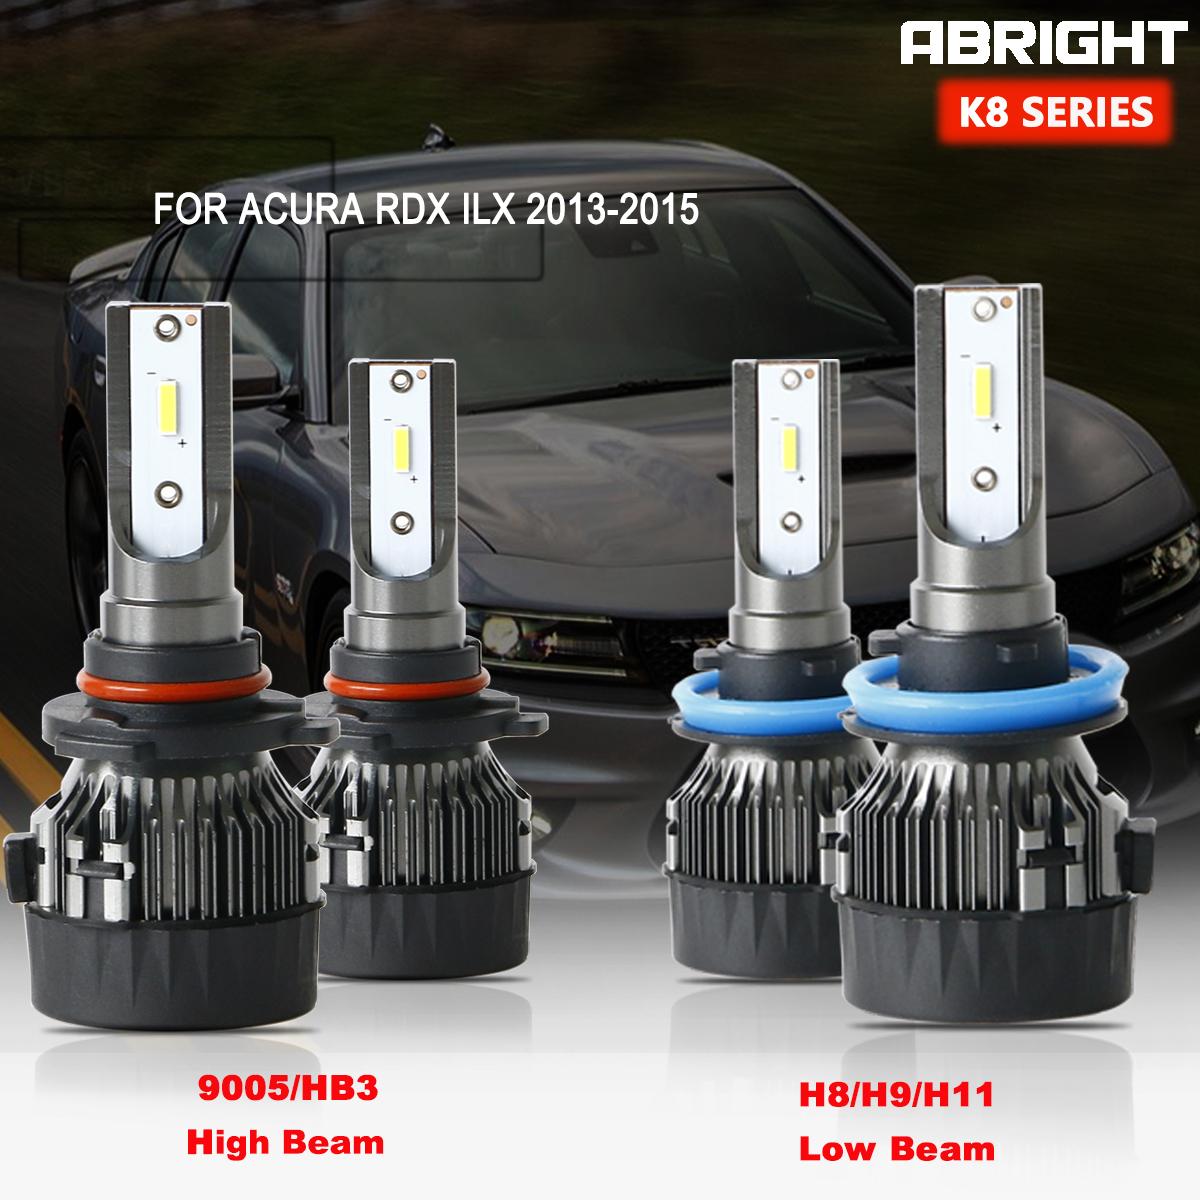 9005 H11 LED Headlight Bulb For Acura RDX ILX-2013-2015